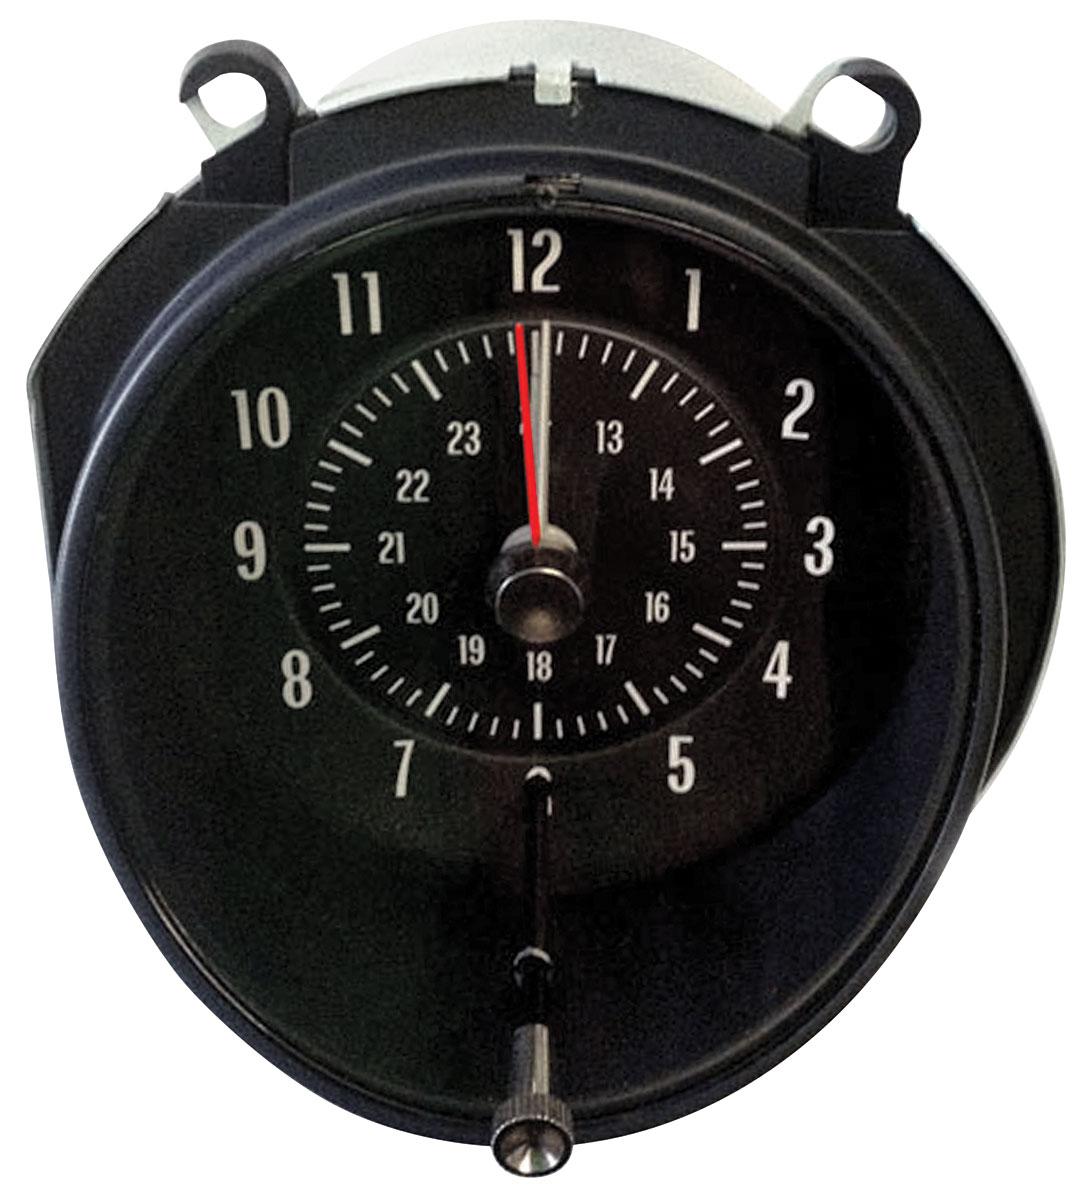 Clock, 1968 GTO/Grand Prix, In Dash